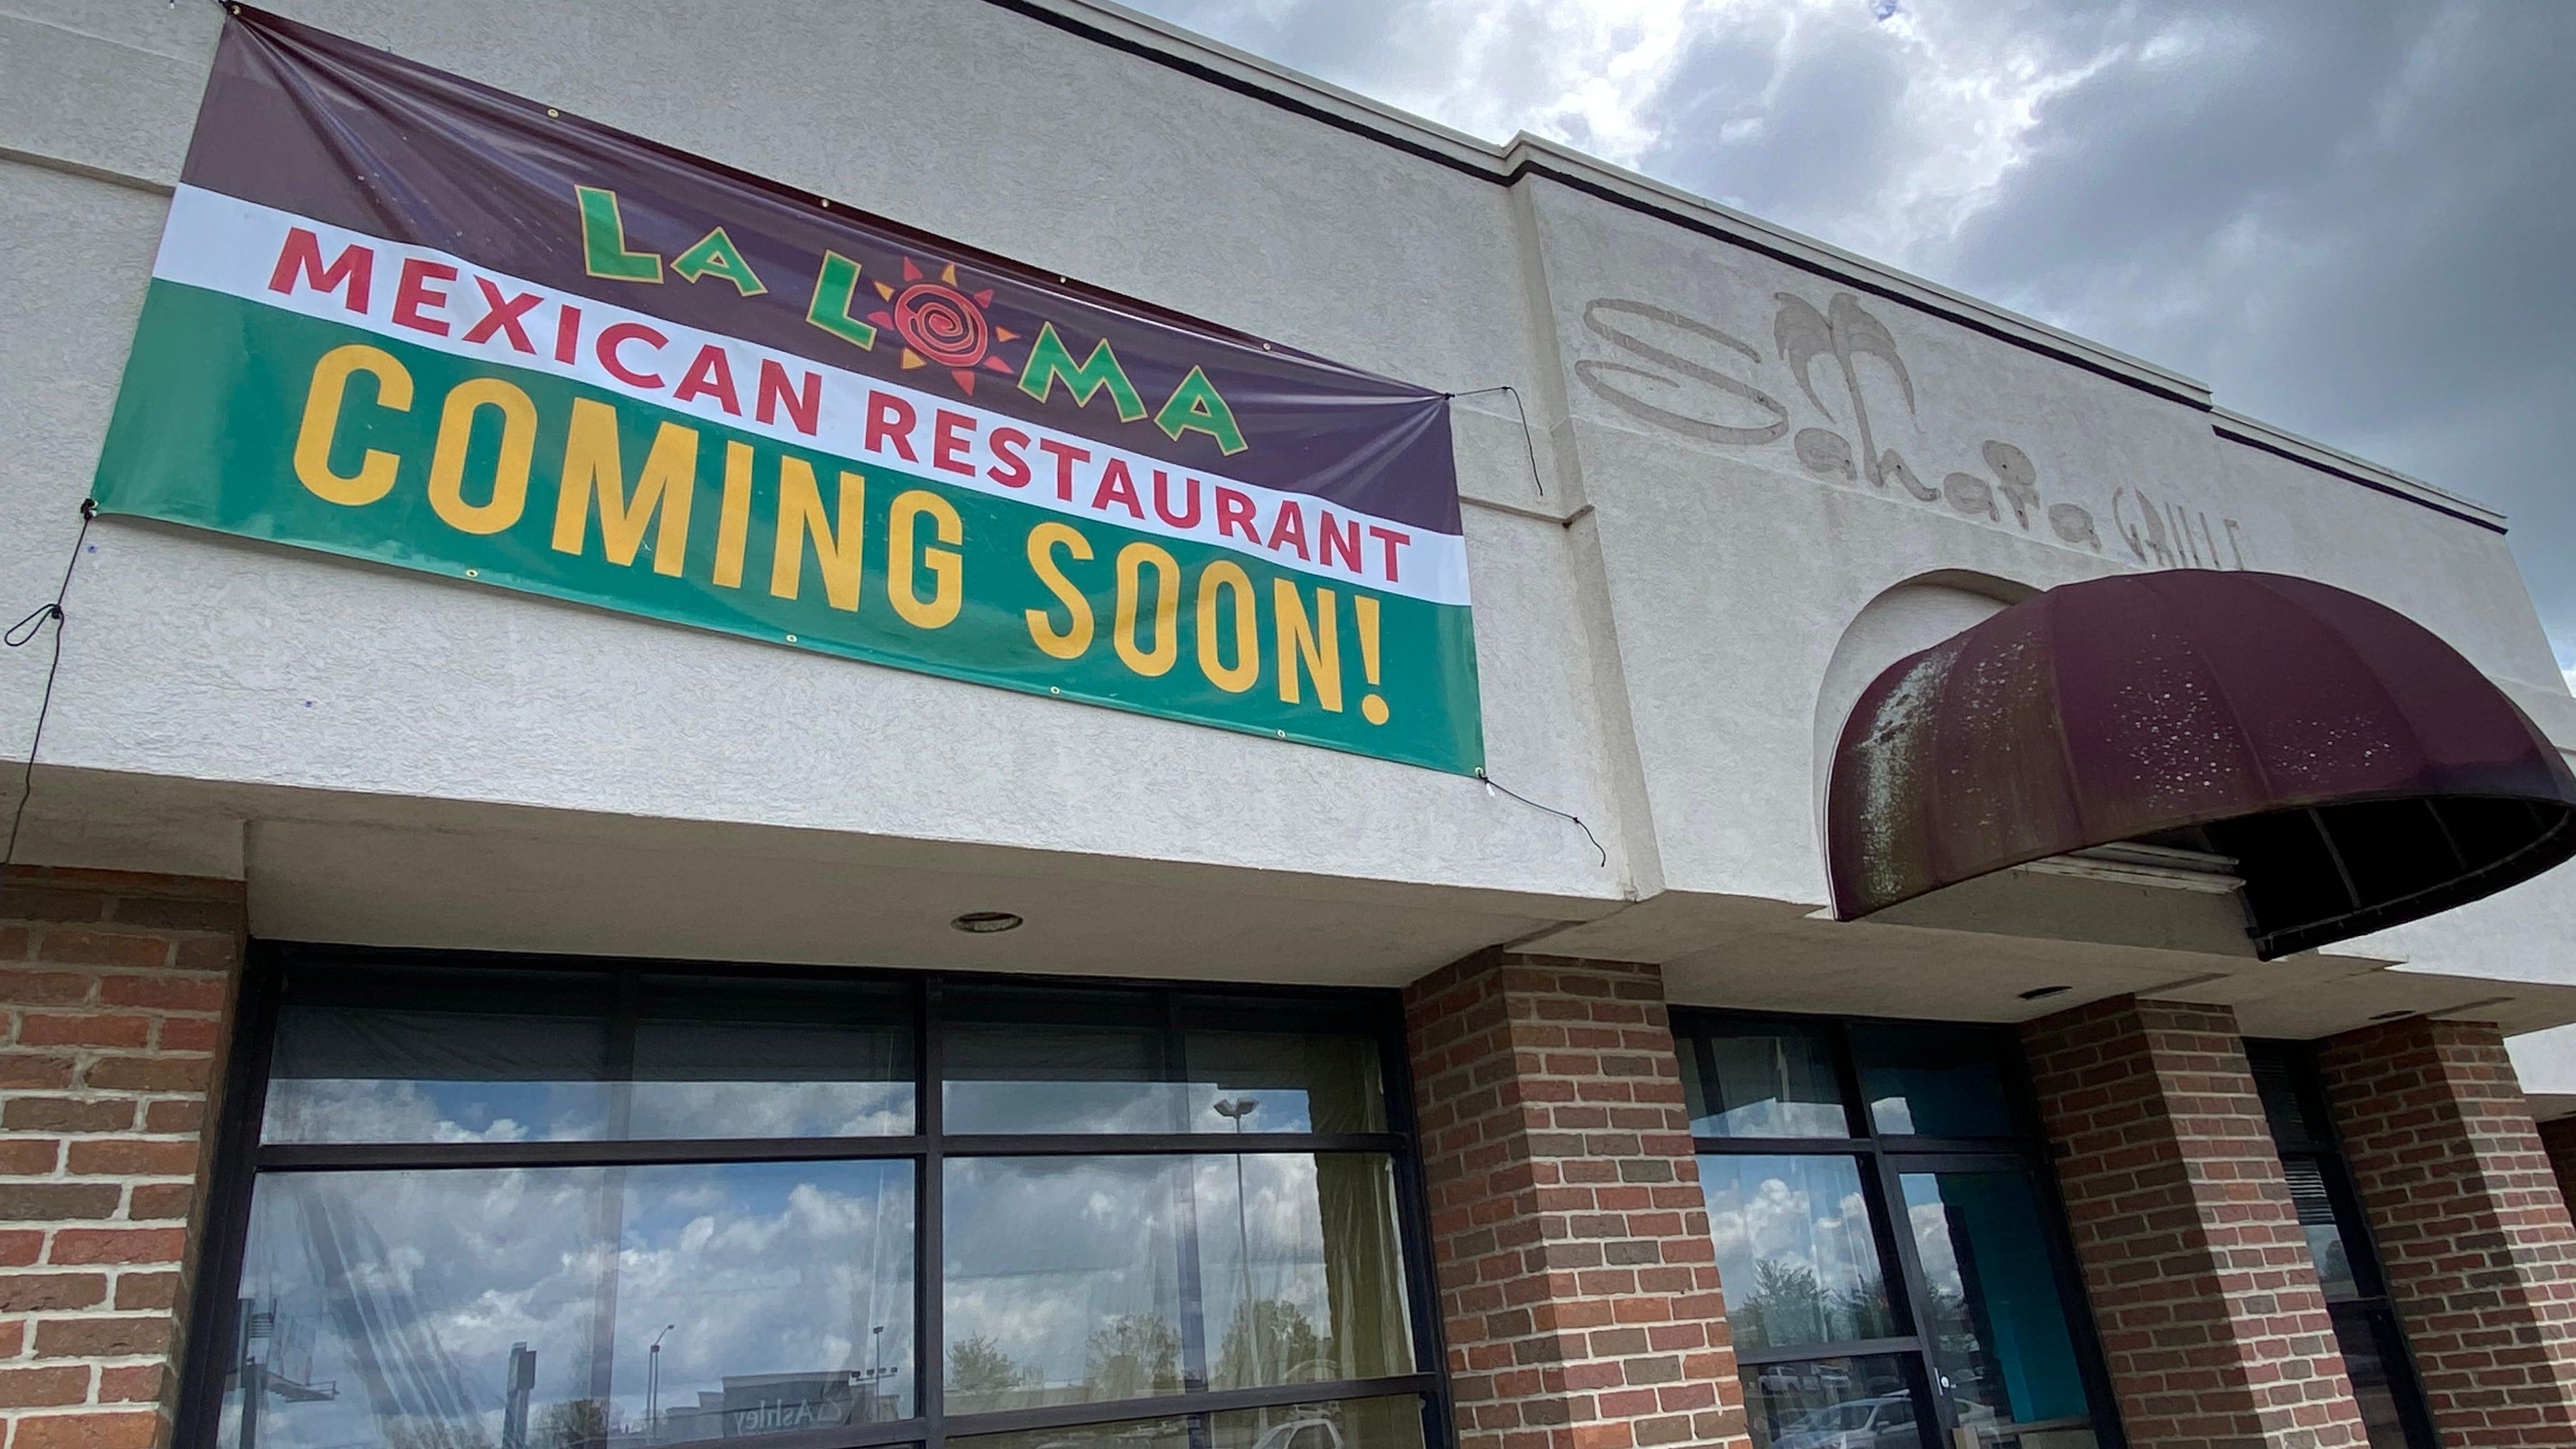 La Loma, il famoso ristorante messicano di Akron, ha aperto una sede nella contea di Stark al 4794 di Dressler Road NW nell'area del Belden Village Mall.